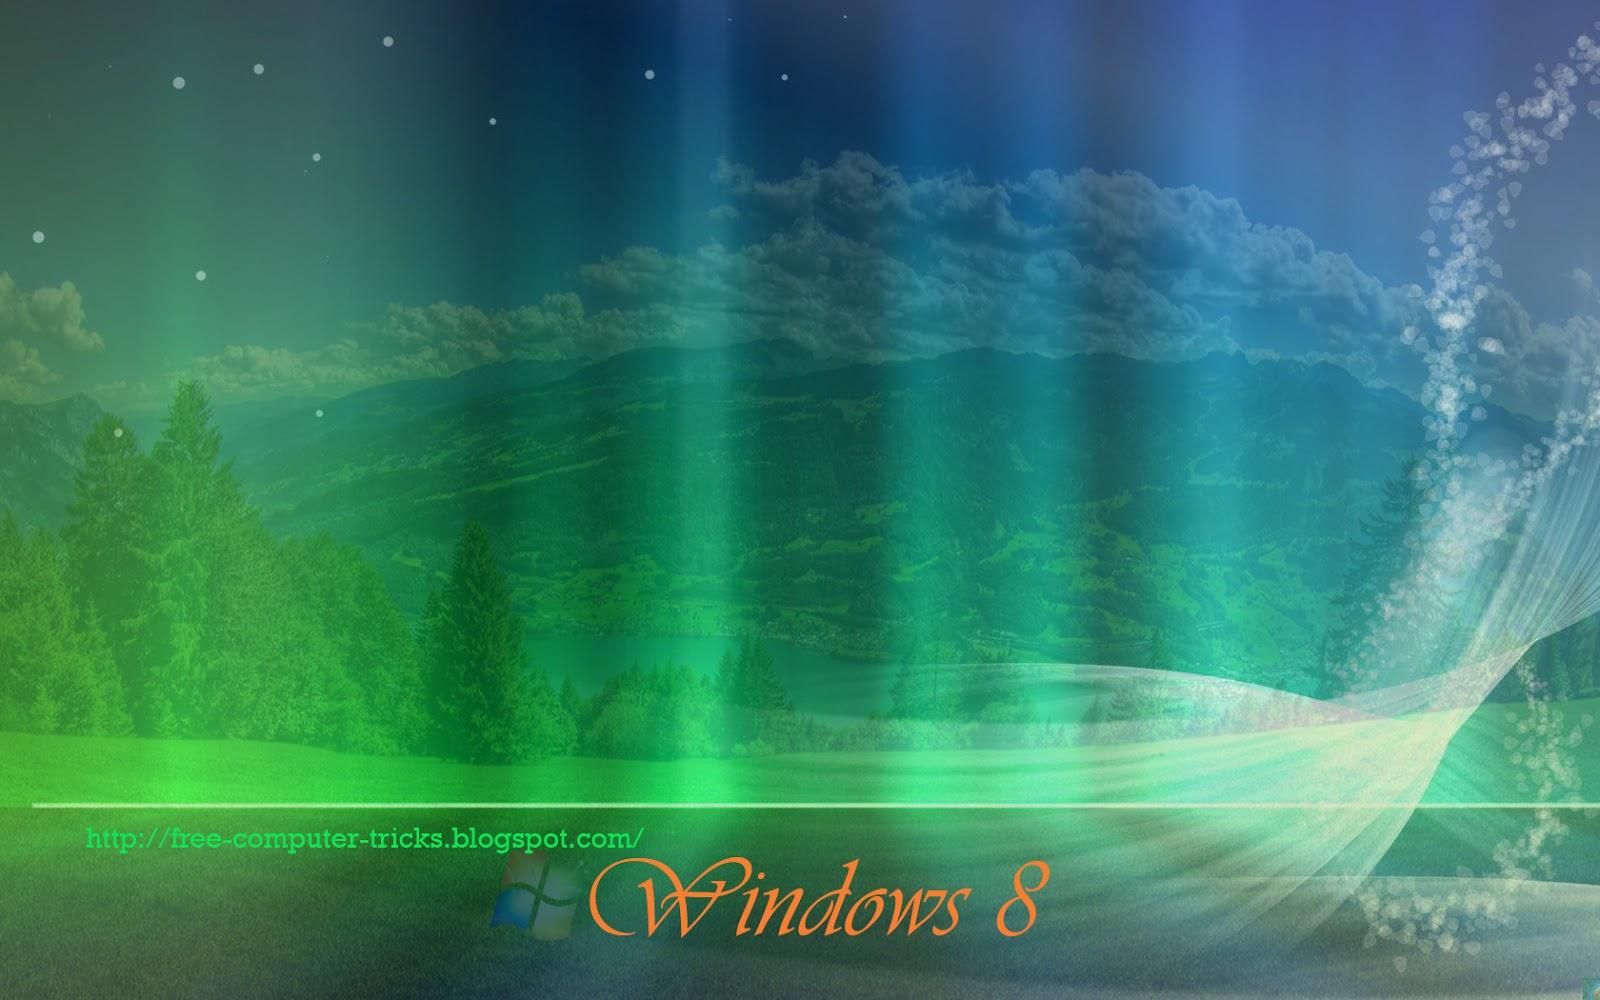 http://4.bp.blogspot.com/-6fatG7F7Szo/TqAYf-UaW_I/AAAAAAAAA1g/AJocAk6Uuik/s1600/Windows+8+Wallpaper+5.jpg